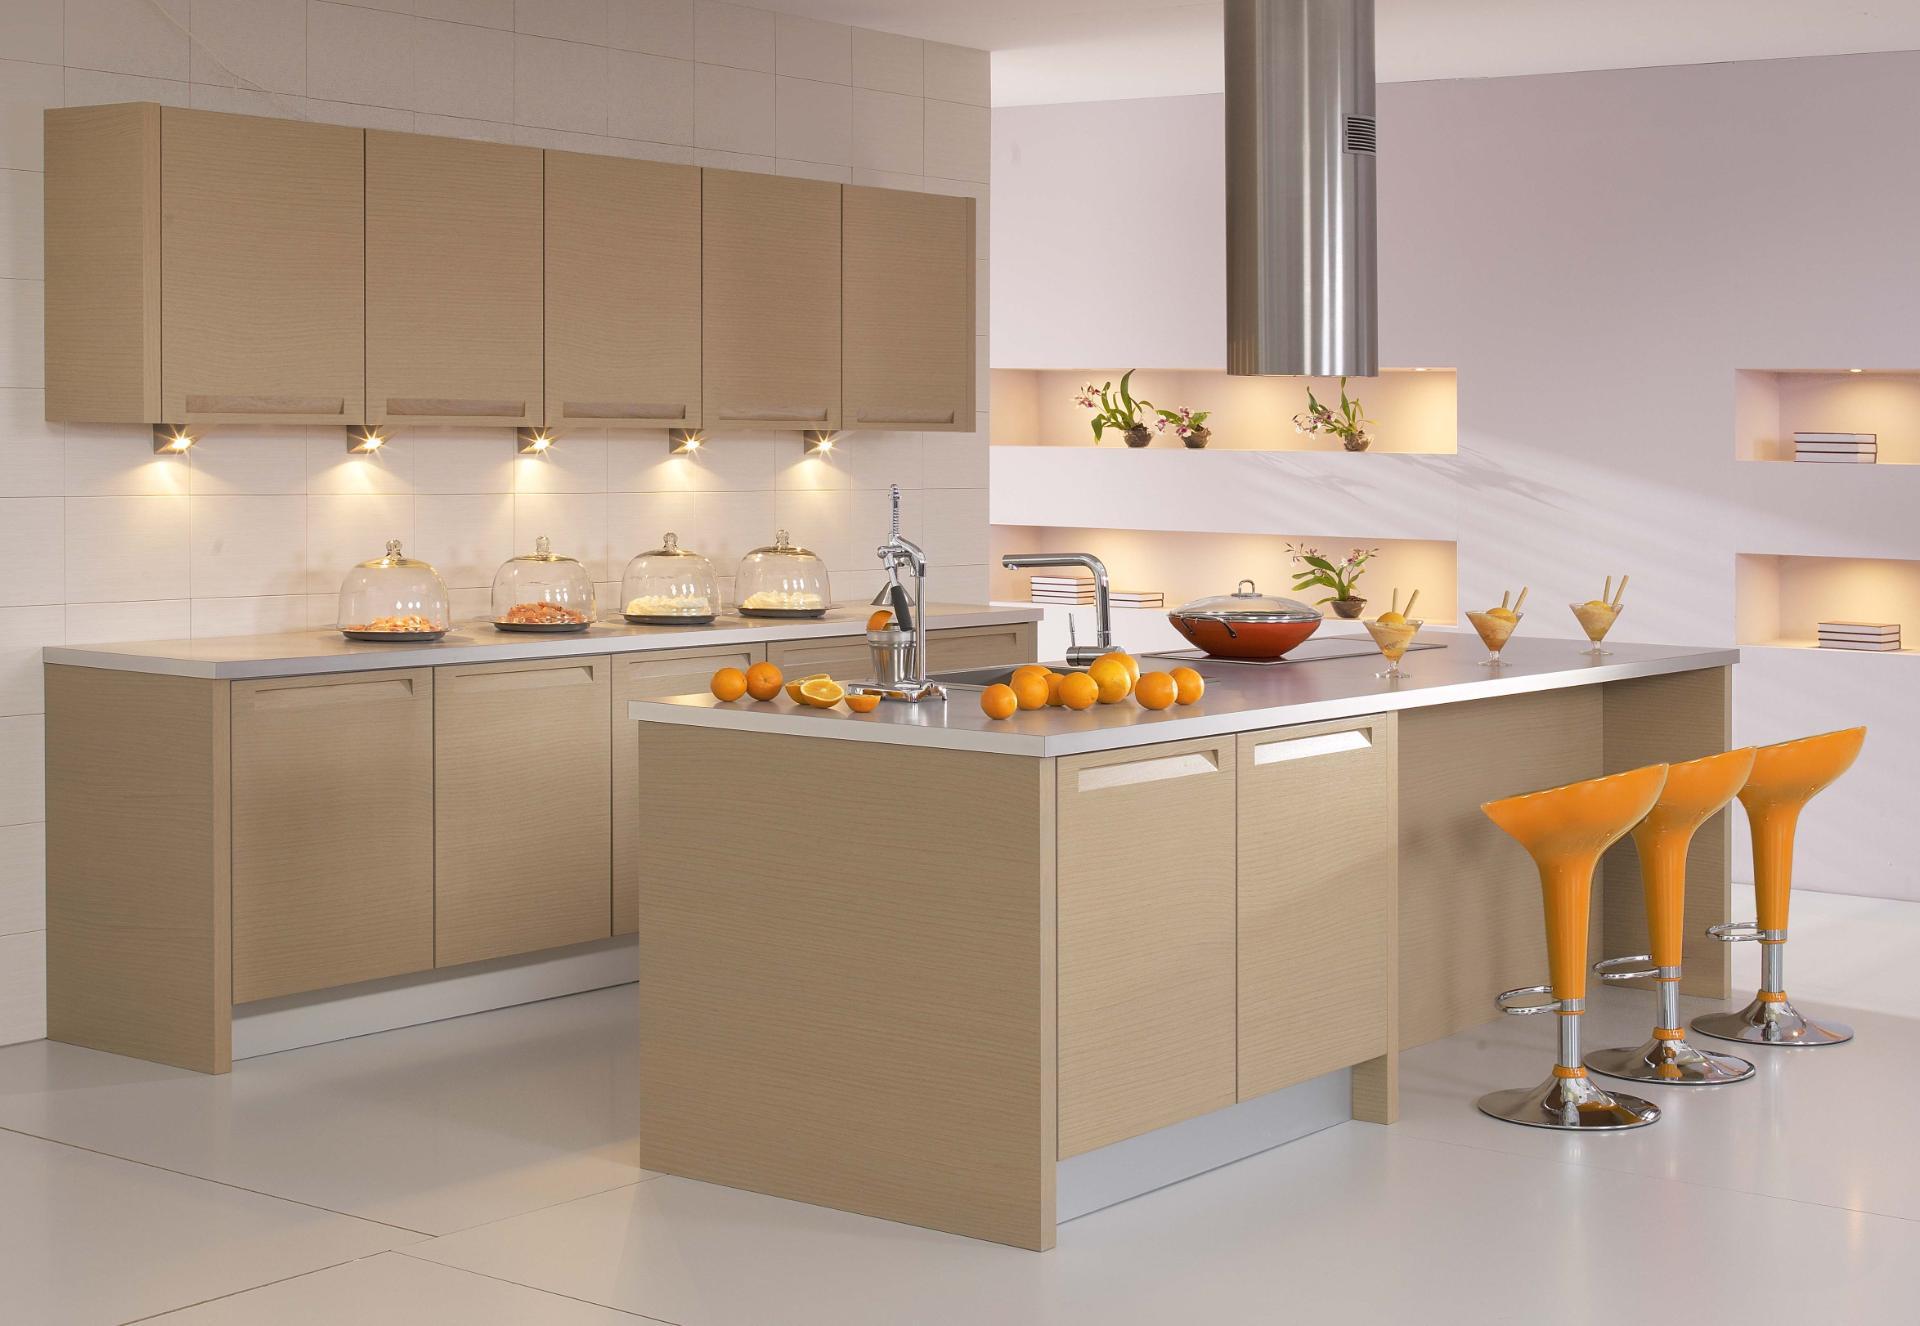 размер изображения обои для бежевого кухонного гарнитура фото глаза называют